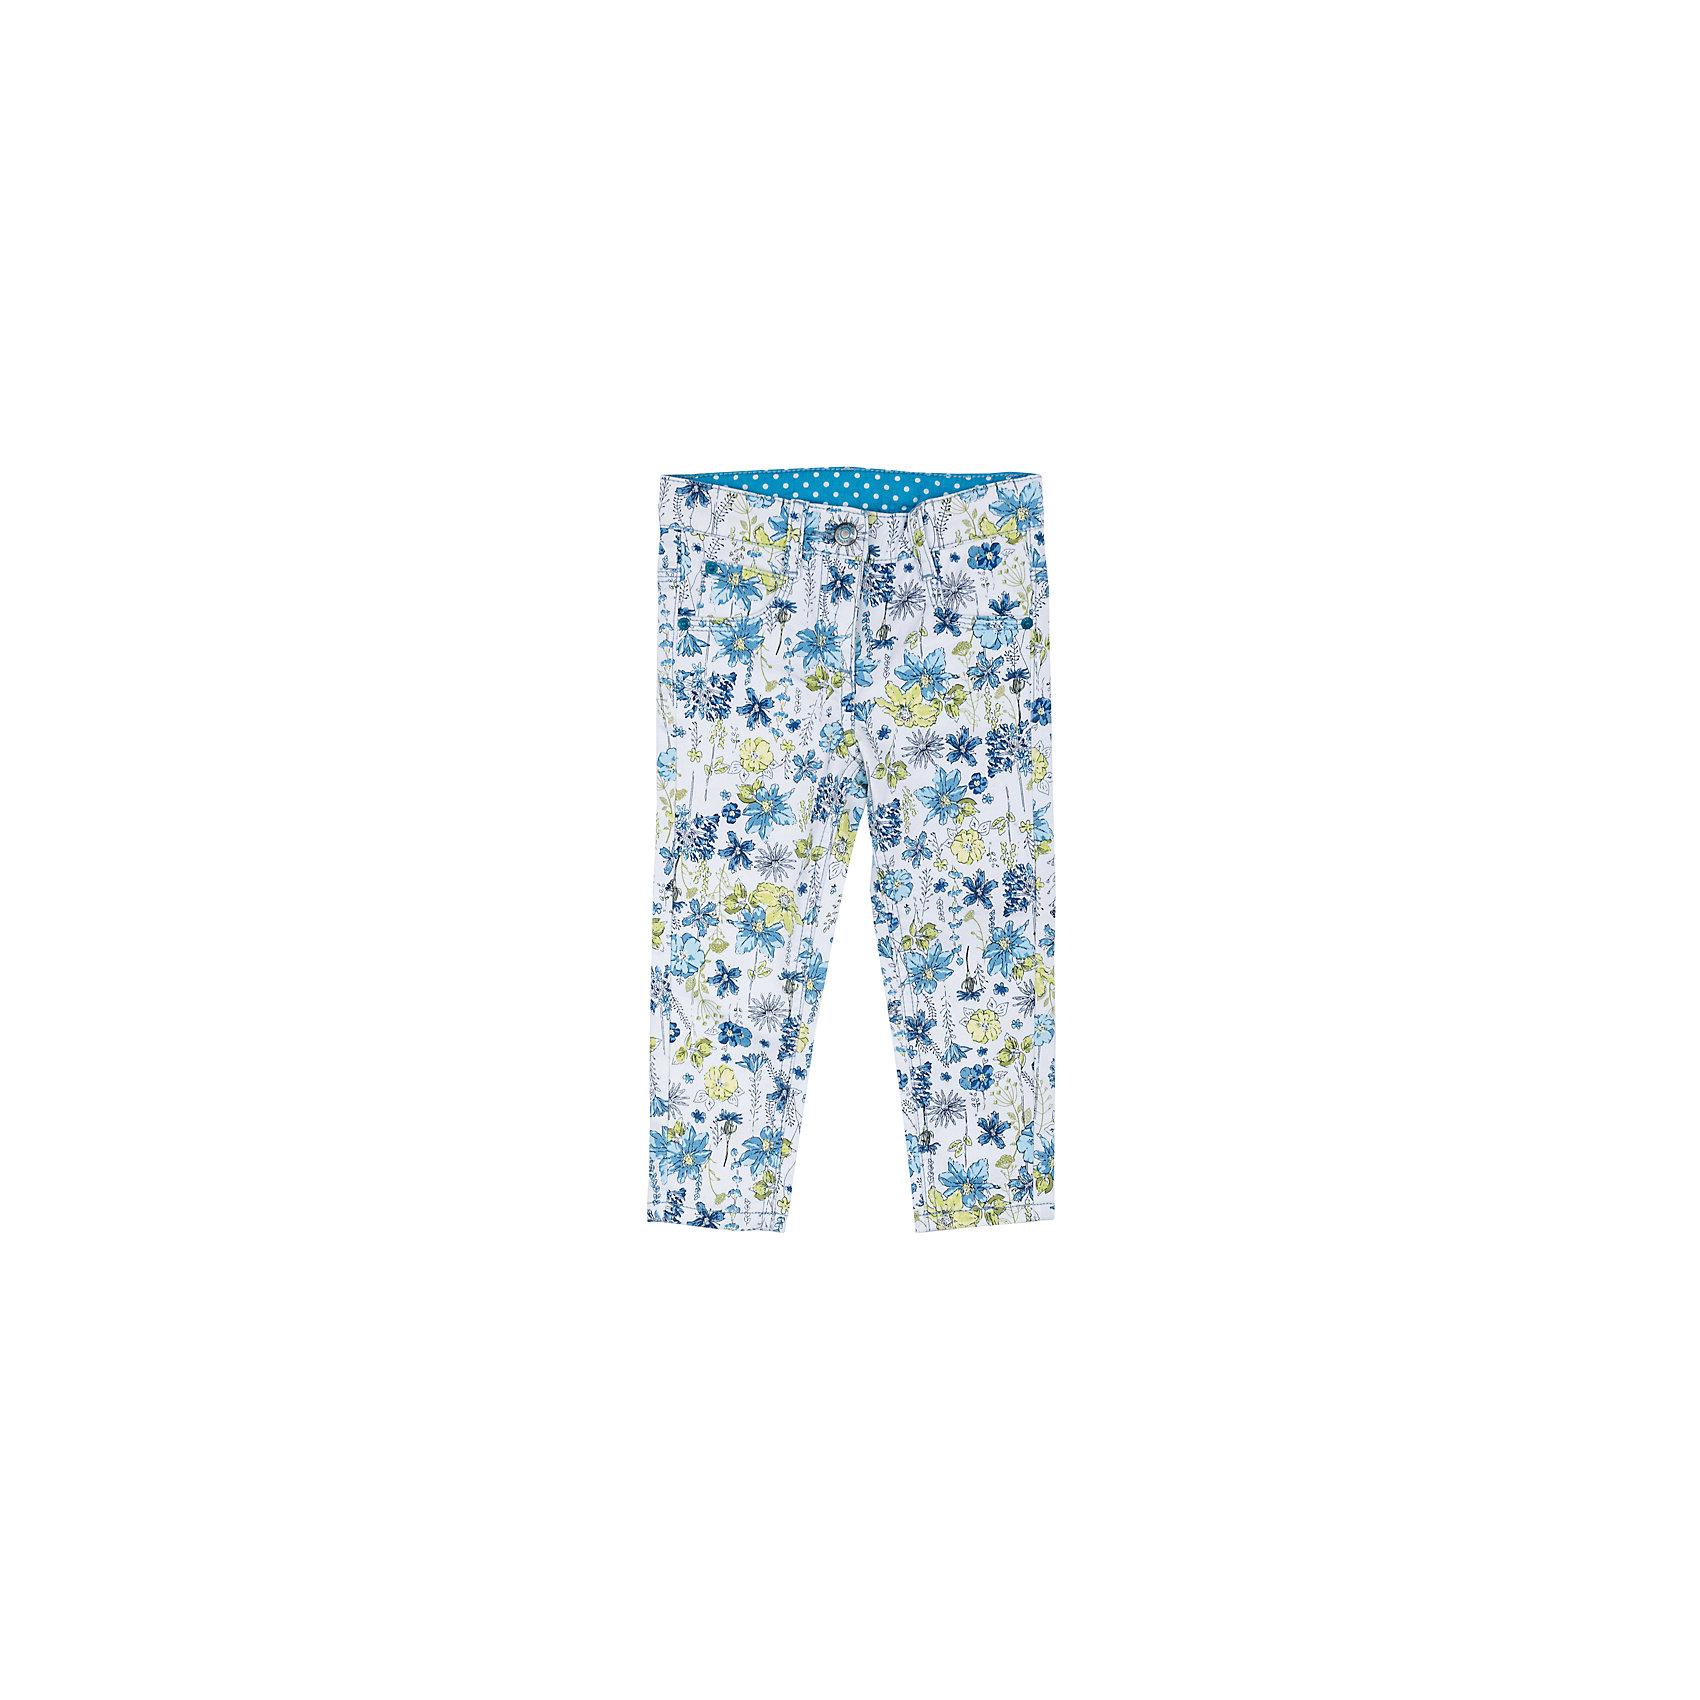 Брюки для девочки PlayTodayДжинсы и брючки<br>Брюки для девочки PlayToday<br>Удобные брюки с нежным набивным рисунком смогут быть одной из базовых вещей в гардеробе Вашего ребенка. Модель снабжена шлевками.<br>Состав:<br>65% хлопок, 32% полиэстер, 3% эластан<br><br>Ширина мм: 215<br>Глубина мм: 88<br>Высота мм: 191<br>Вес г: 336<br>Цвет: разноцветный<br>Возраст от месяцев: 18<br>Возраст до месяцев: 24<br>Пол: Женский<br>Возраст: Детский<br>Размер: 92,74,80,86<br>SKU: 5408248